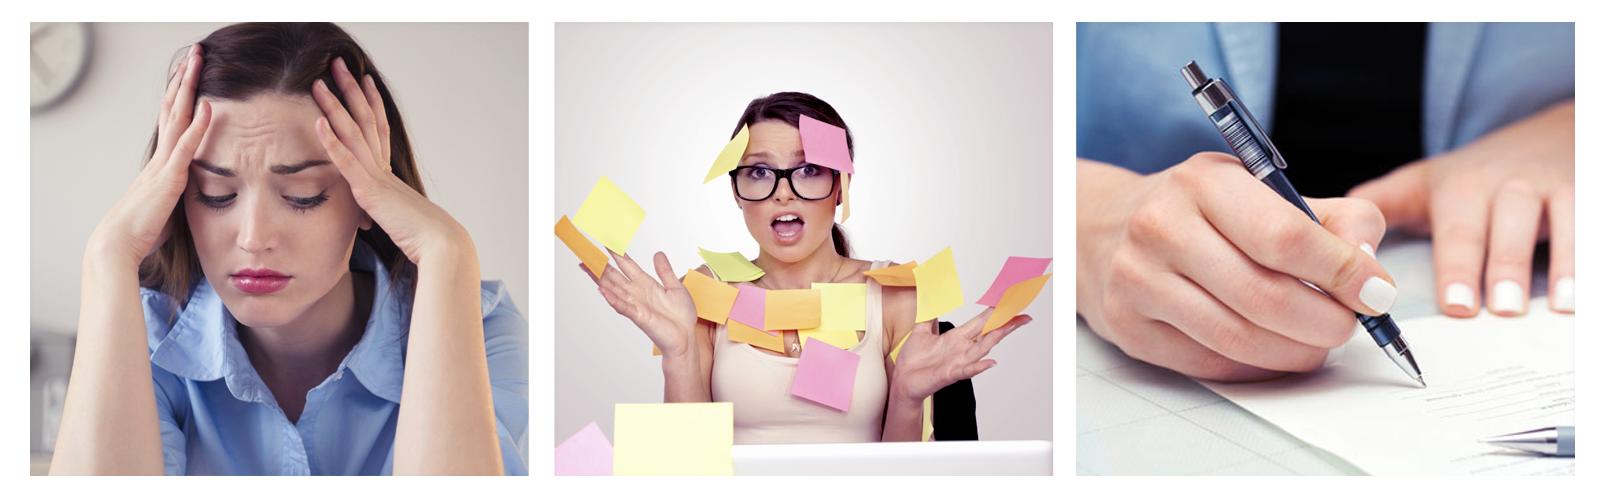 Las mujeres y el control del estrés